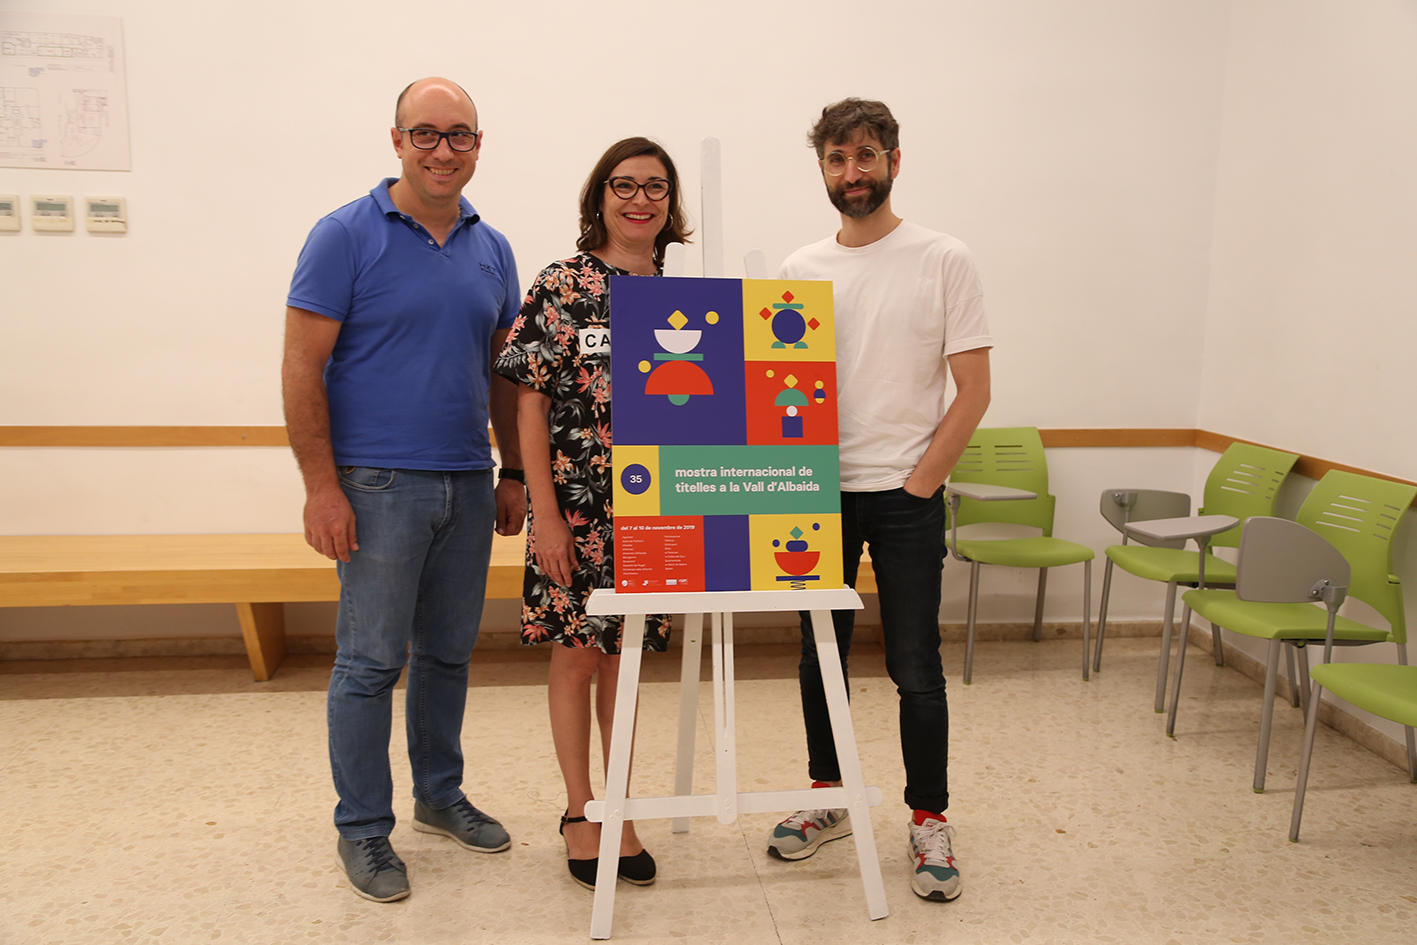 La 35 Mostra Internacional de Titelles a la Vall d'Albaida comptarà amb 14 companyies El Periòdic d'Ontinyent